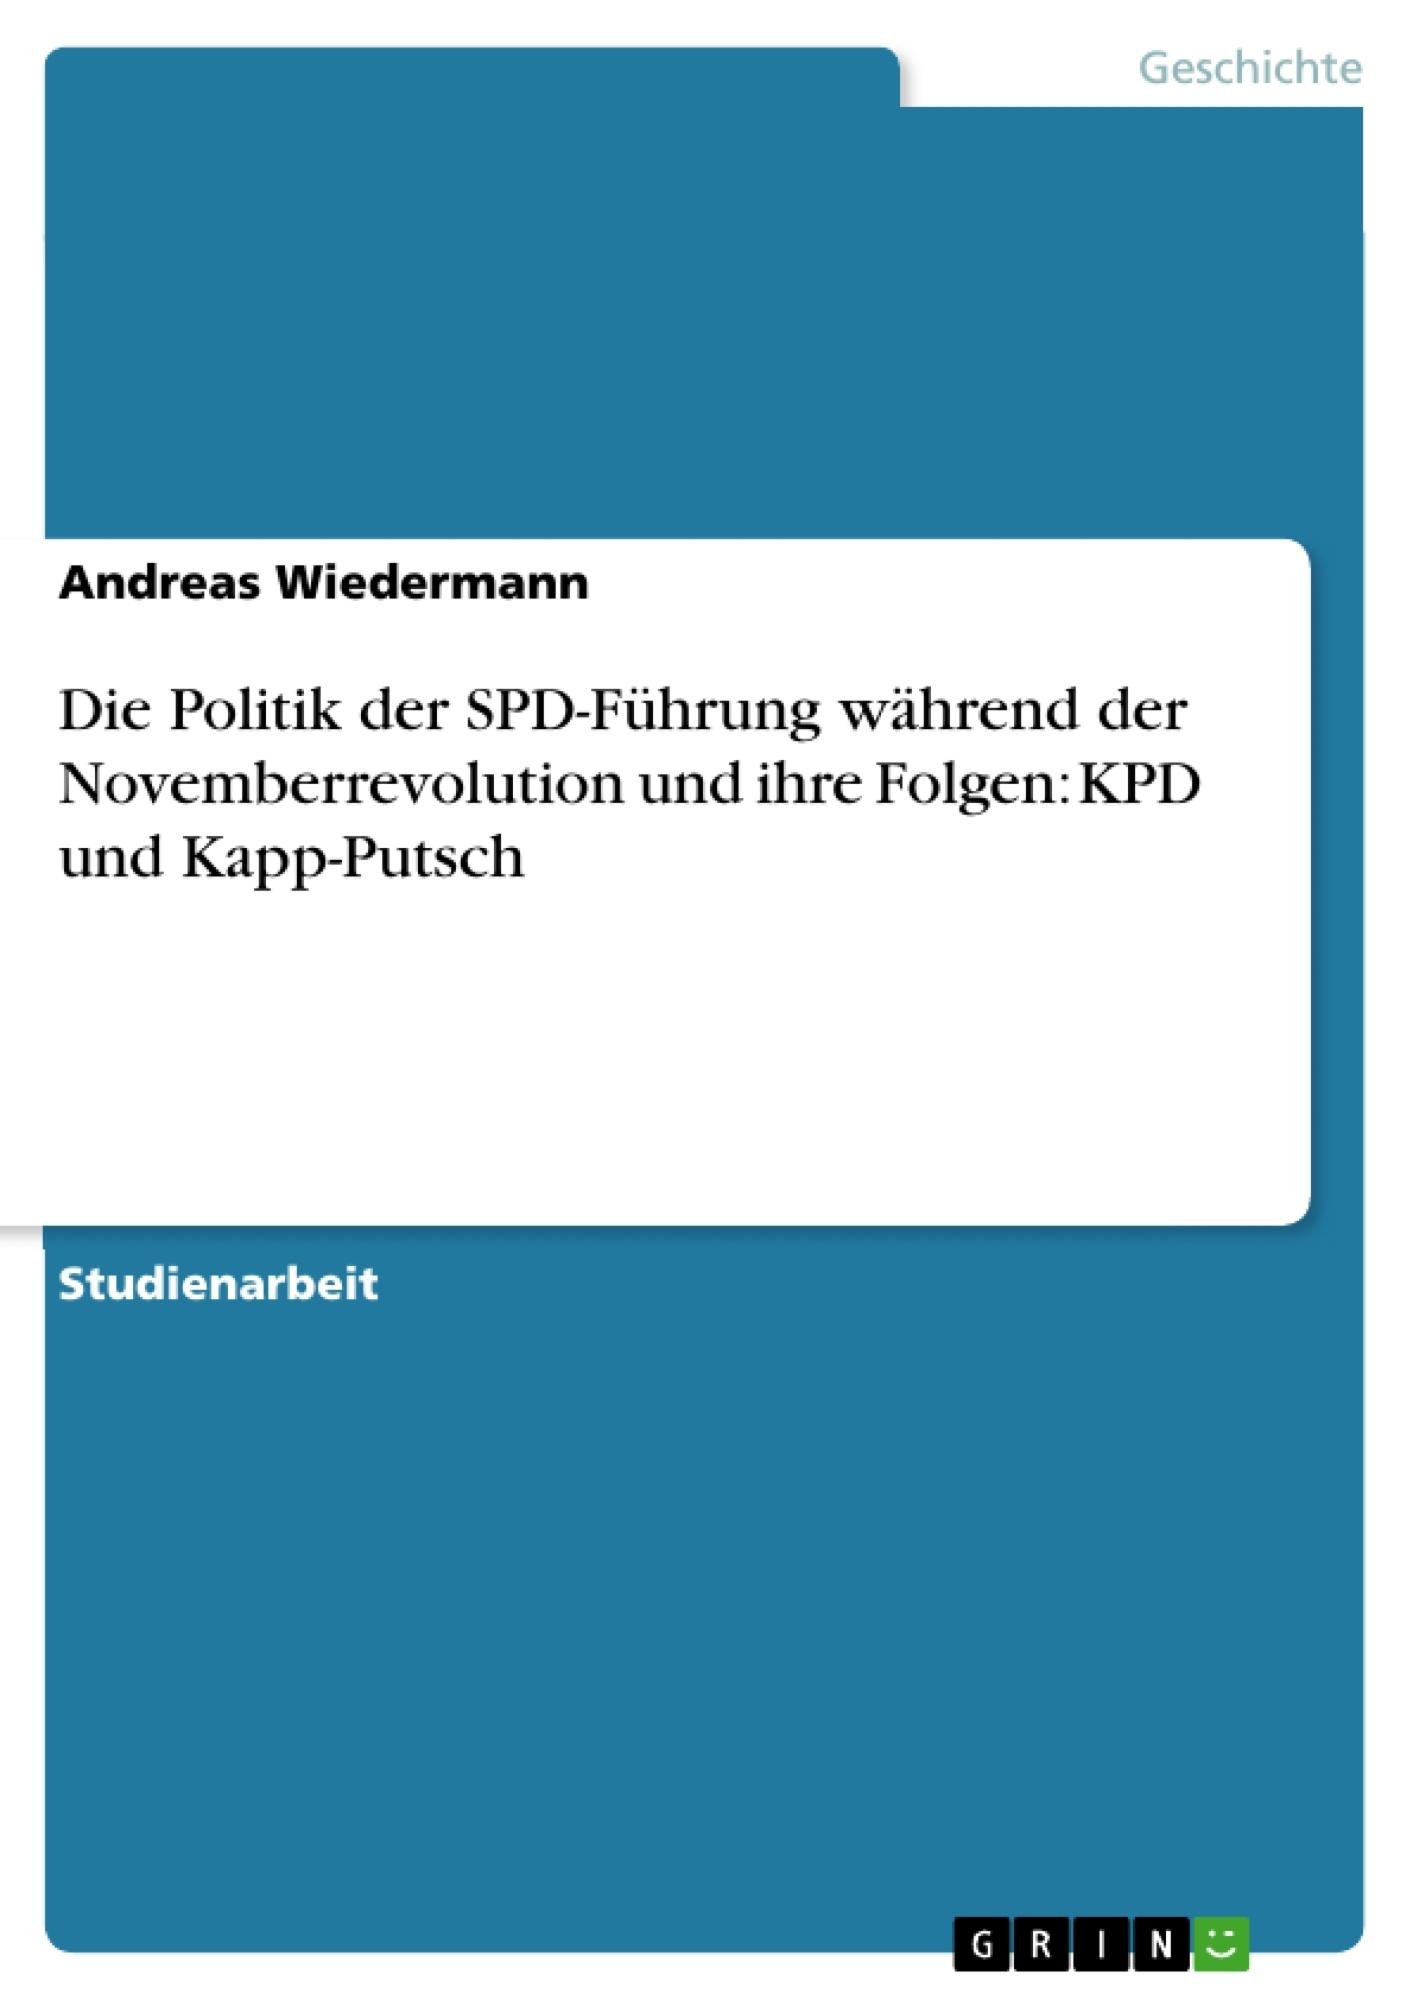 Titel: Die Politik der SPD-Führung während der Novemberrevolution und ihre Folgen: KPD und Kapp-Putsch